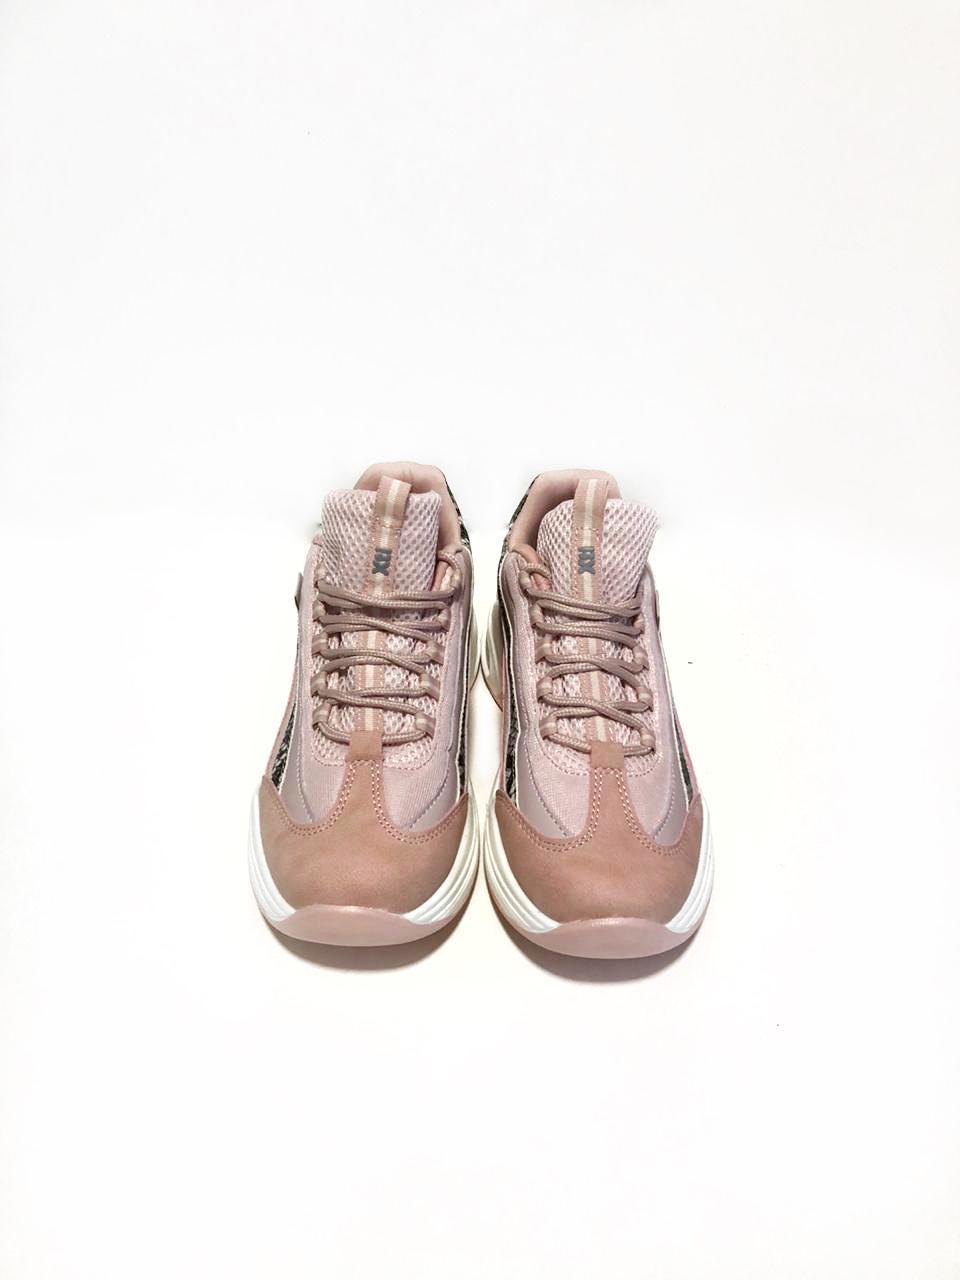 Кроссовки женские, XTI, 49985 (розовый)